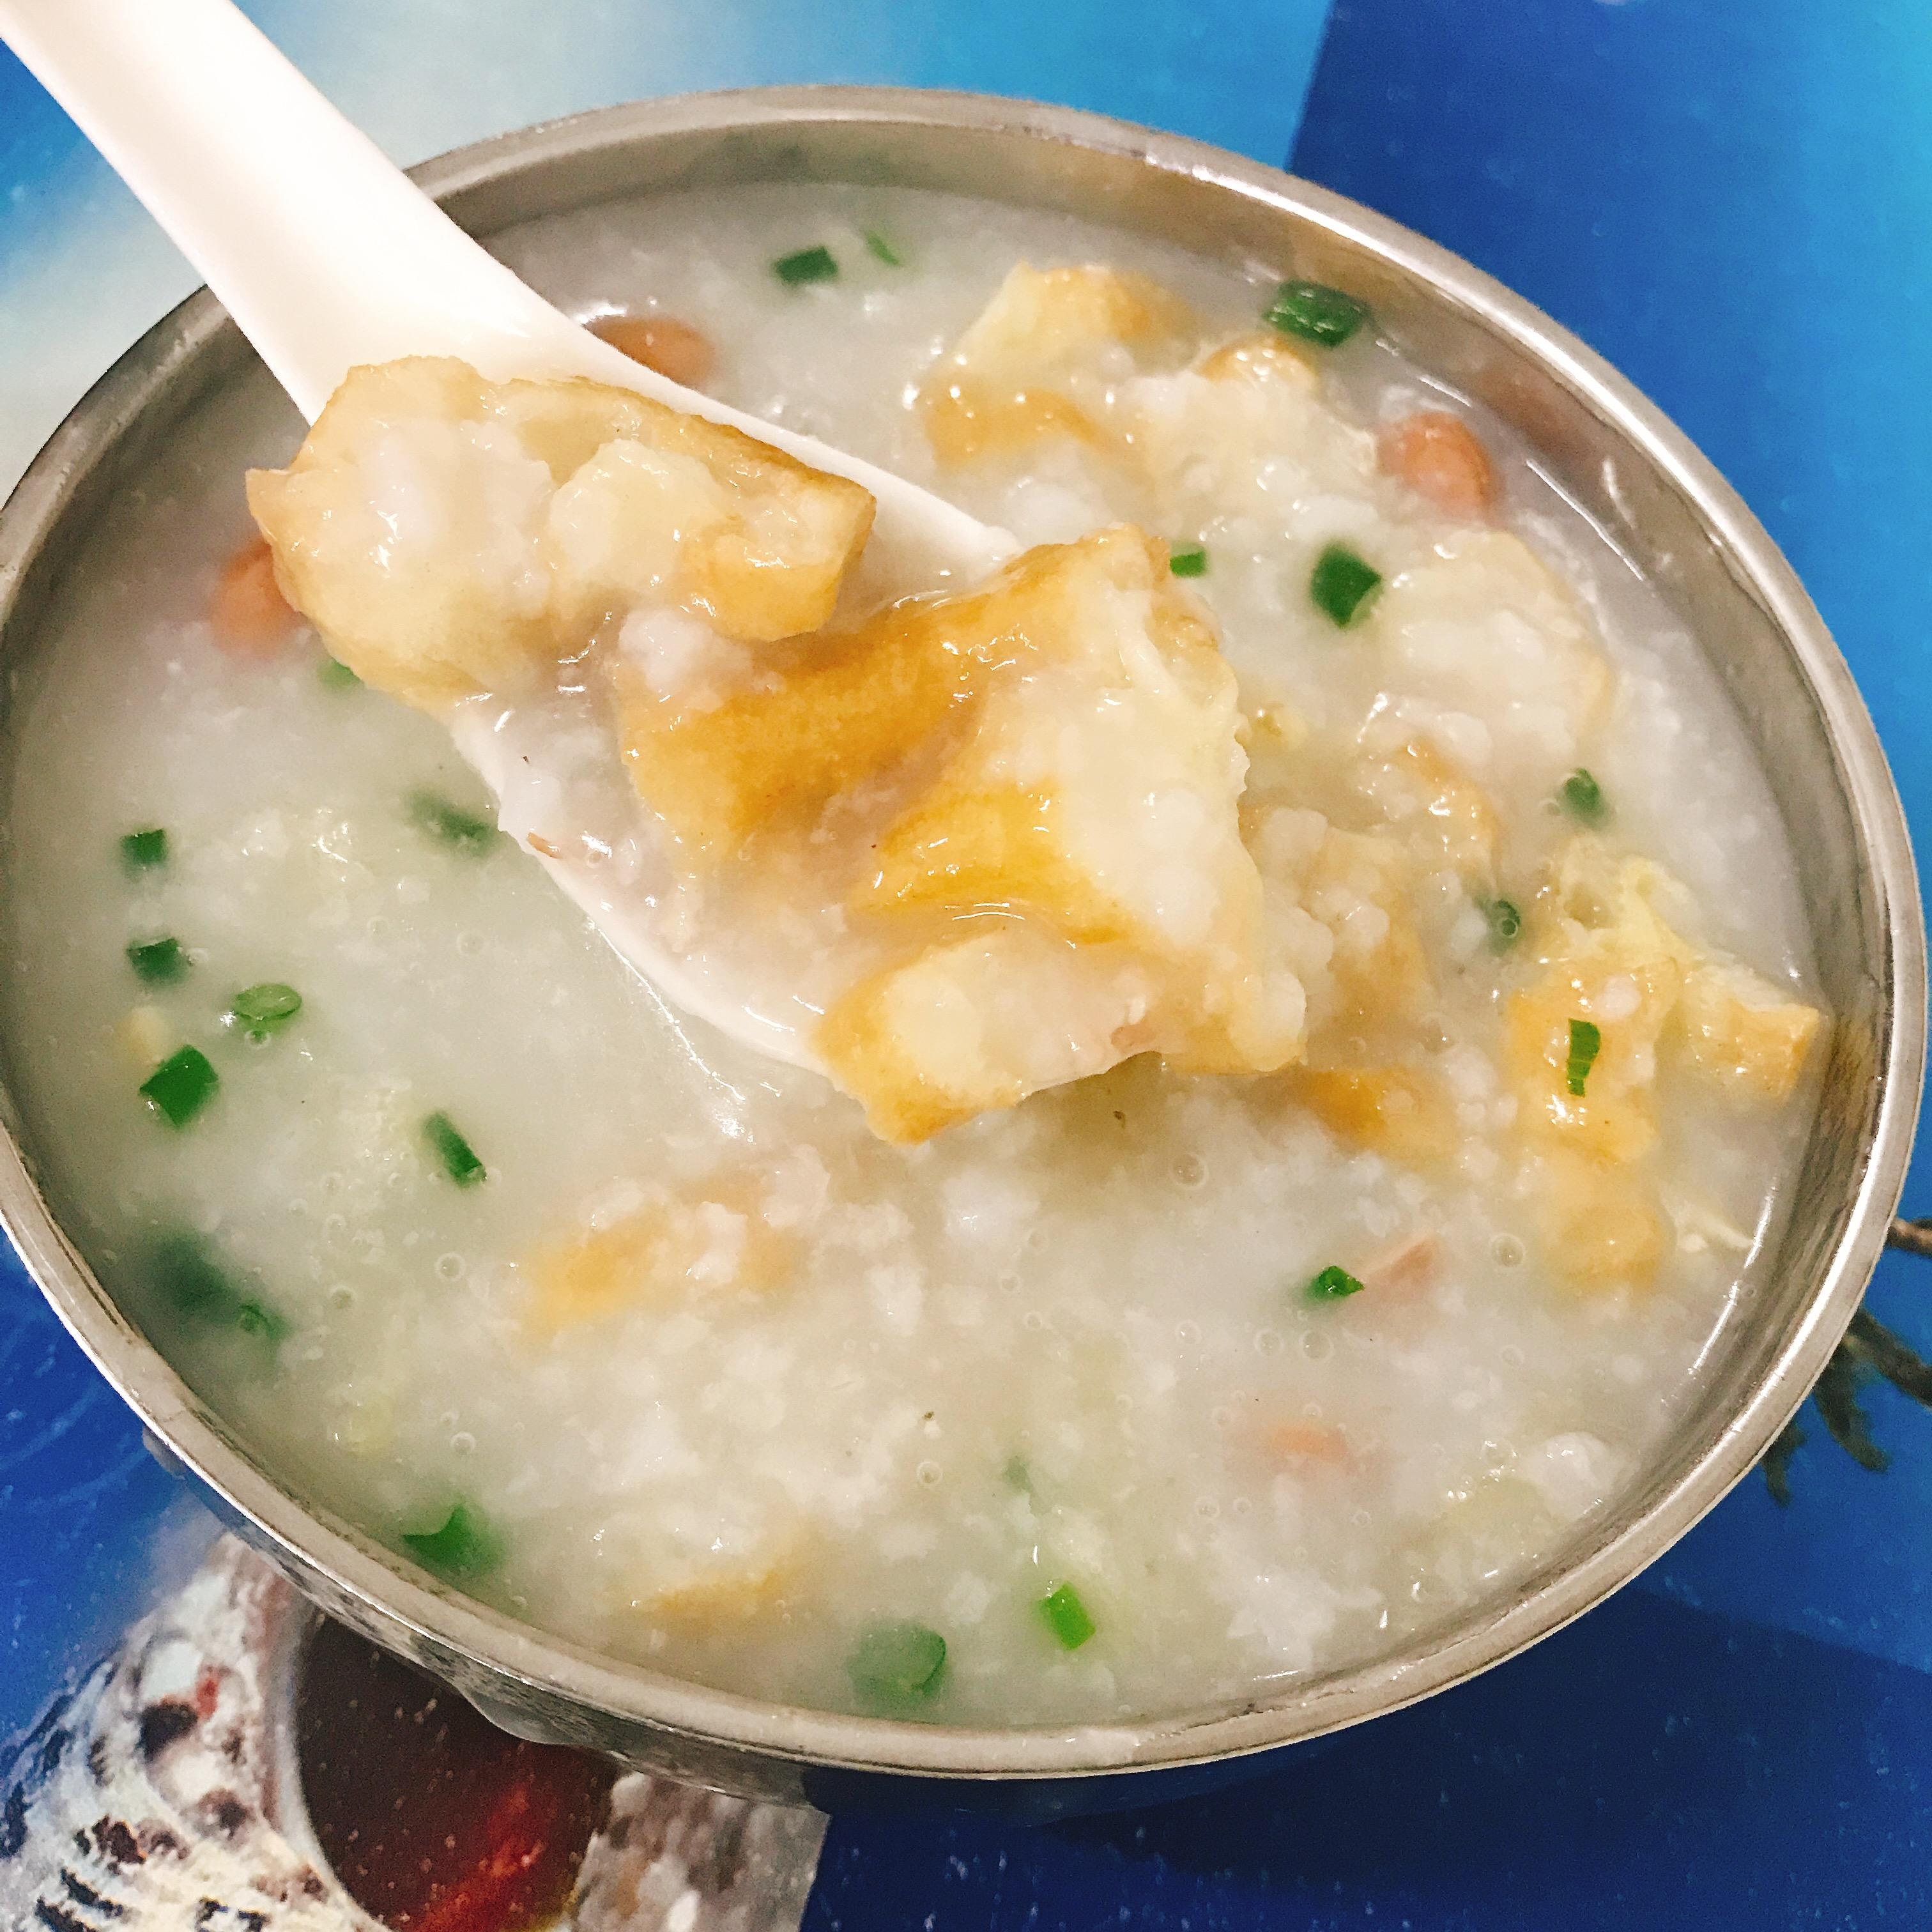 陈添记鱼皮——广州不容错过的小吃